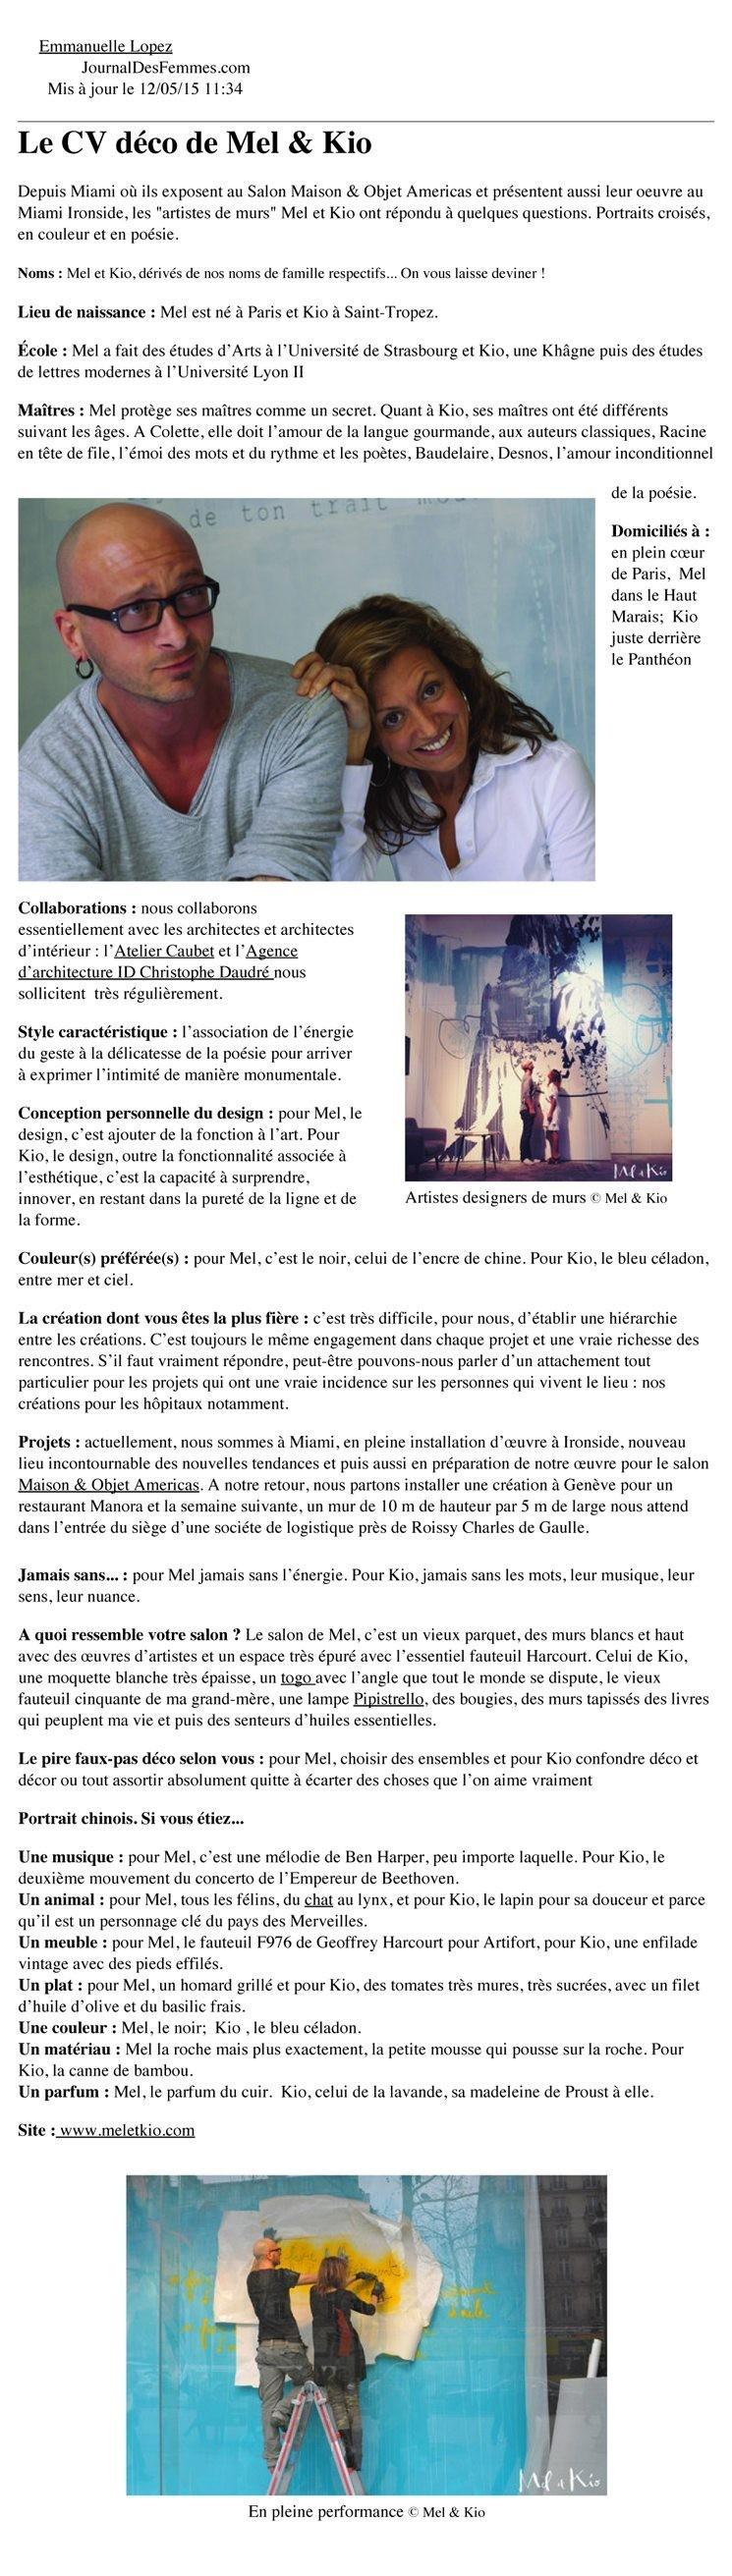 Cuisine Le Journal Des Femmes Meilleur De Photographie Morals Village Idées Design Journal Des Femmes Cuisine Image 11 Of